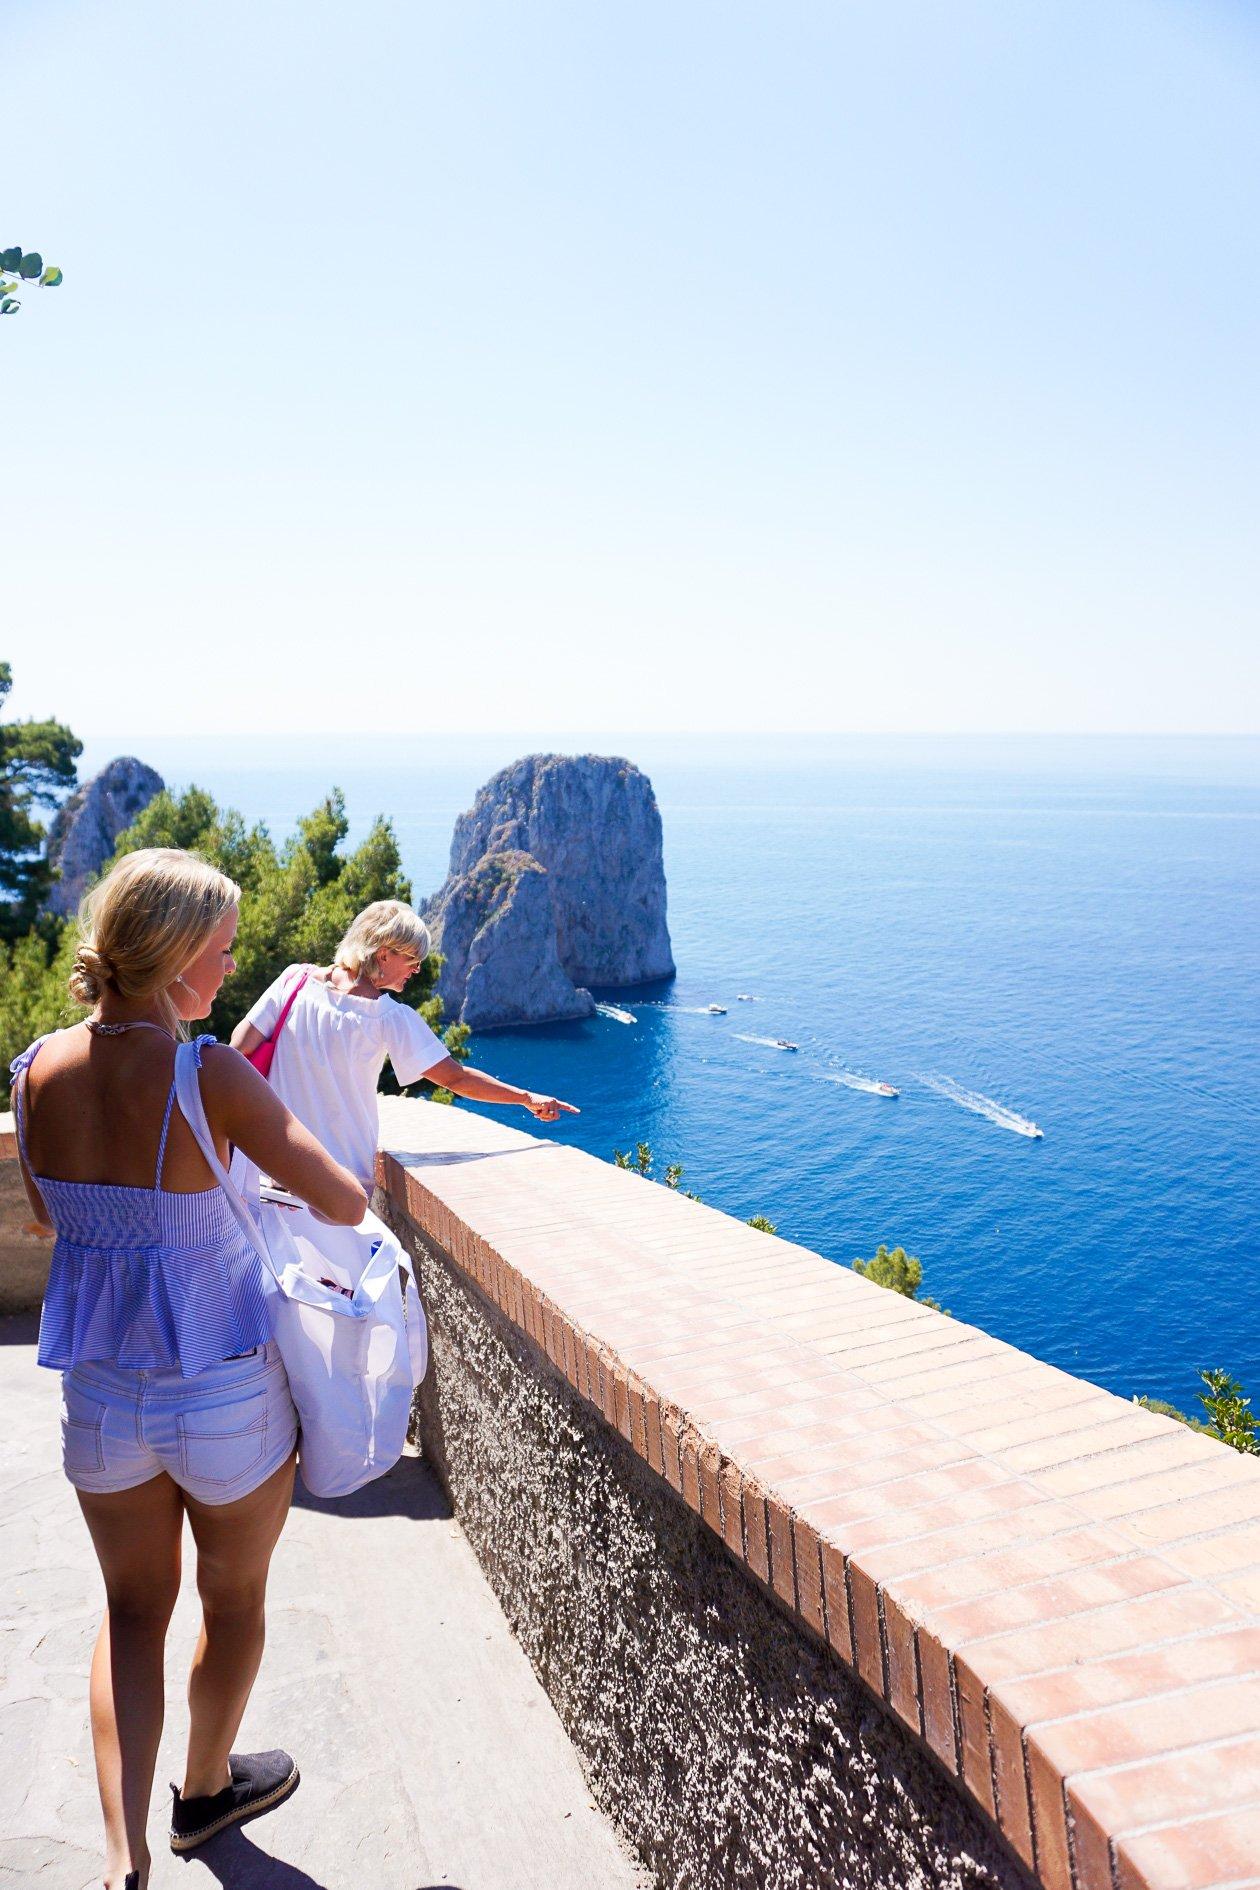 Capri, Italy travel guide in 2017